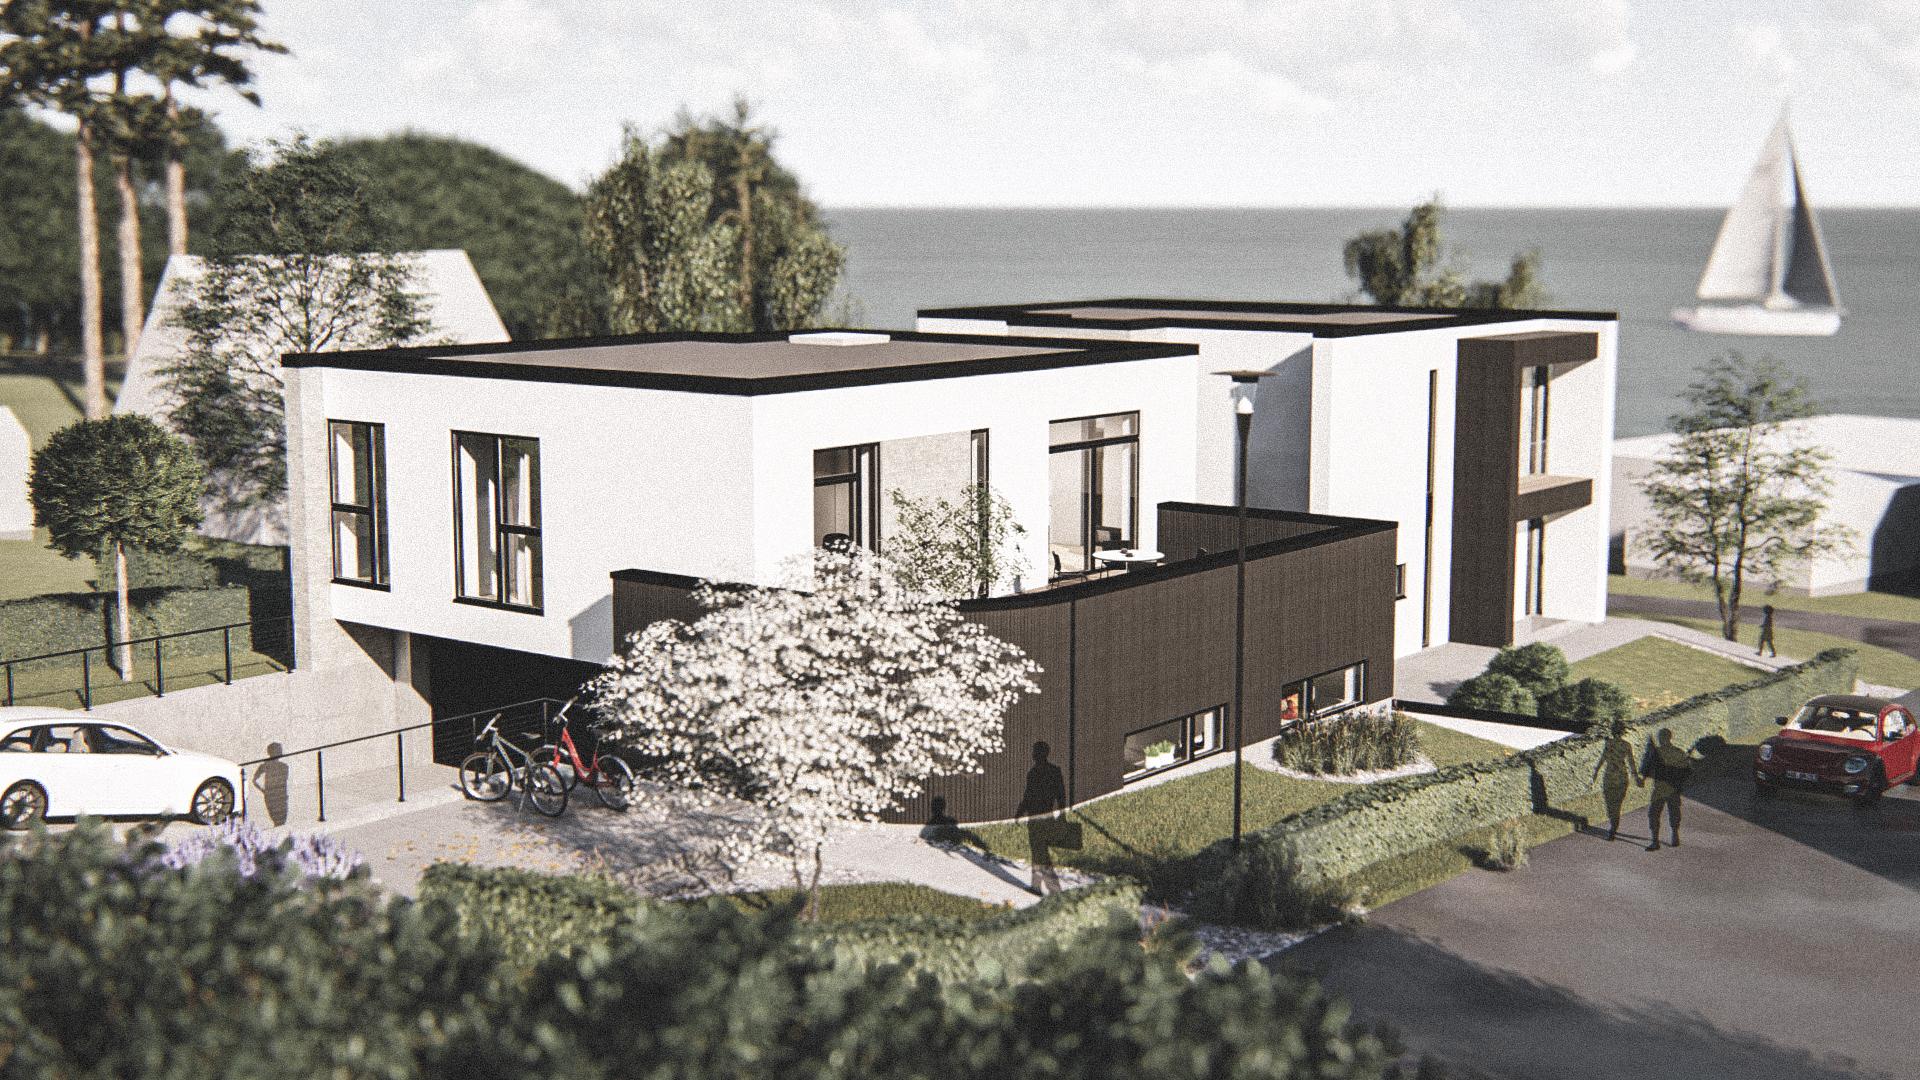 Billede af Dansk arkitekttegnet 3 plan villa af arkitektfirmaet m2plus, i Viborg på 404 kvartratmeter.